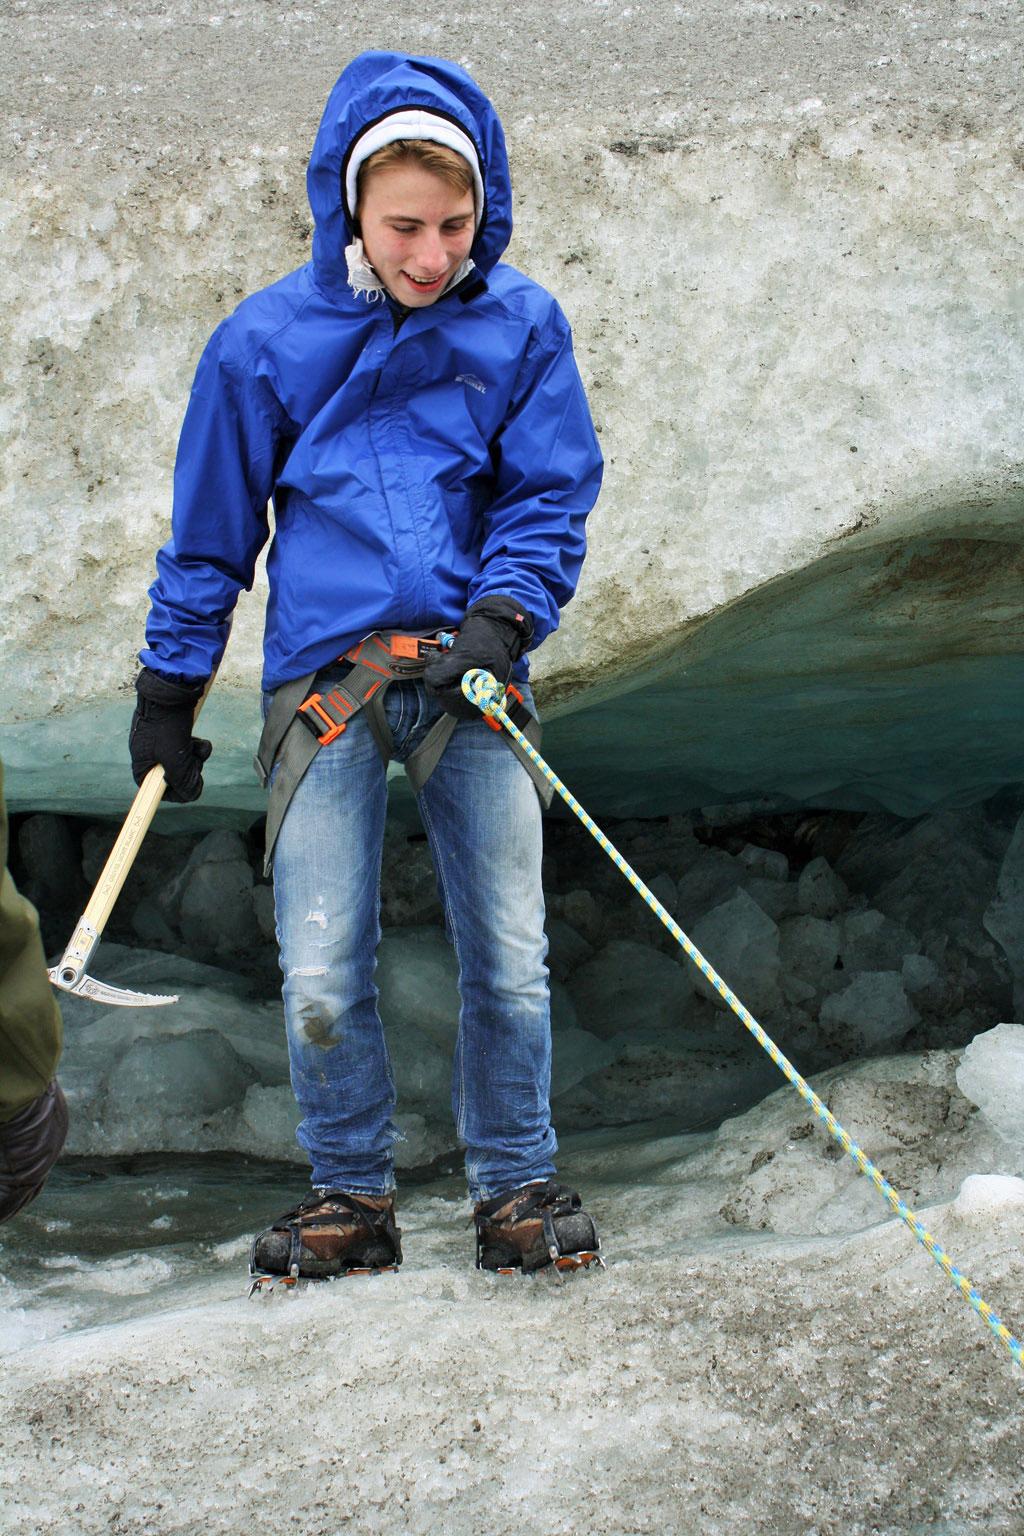 Gletschertrecking_Abseilen_©AndreaFischer_Trips4Kids